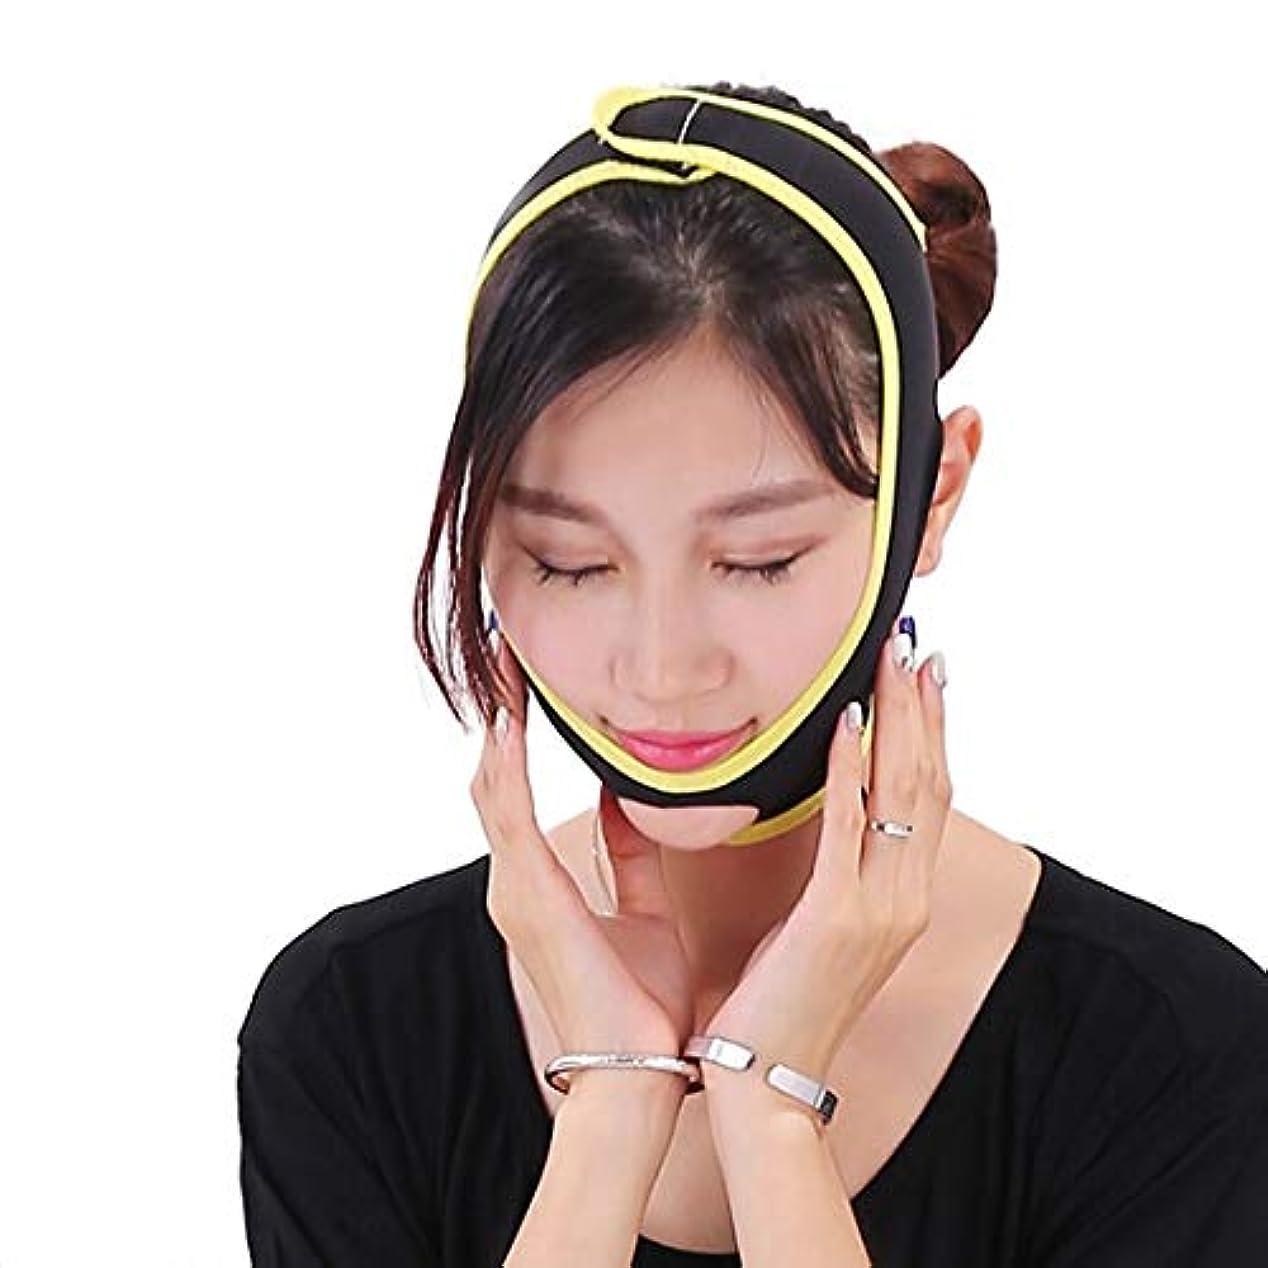 サーバント彼ら策定するZWBD フェイスマスク, フェイスリフティング包帯パワフルフェイスマスクフェイスリフティング包帯引き締めシワ顔楽器vフェイスダークブラック